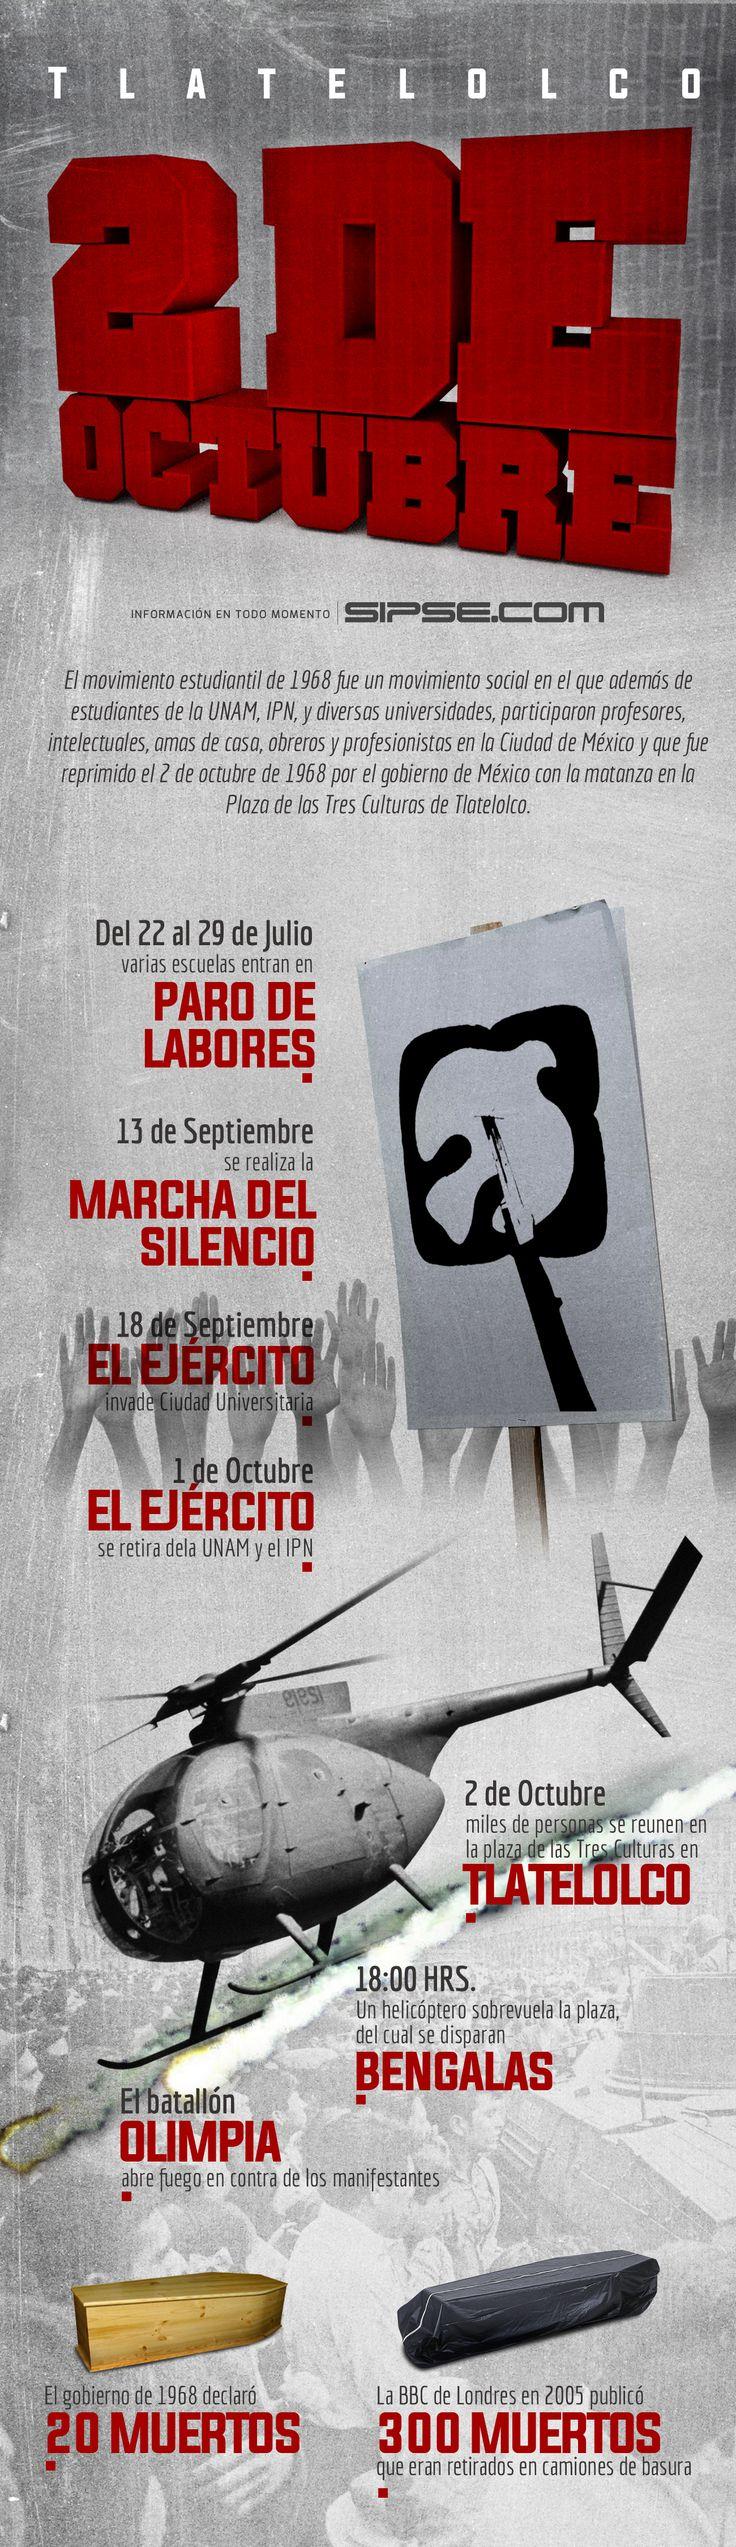 El 2 de octubre de 1968 se realizaba en la Plaza de las Tres Culturas, en Tlatelolco, una manifestación estudiantil en demanda de mayor libertad de expresión; el mitin derivó en una de las matanzas más sangrientas en la historia de nuestro país.